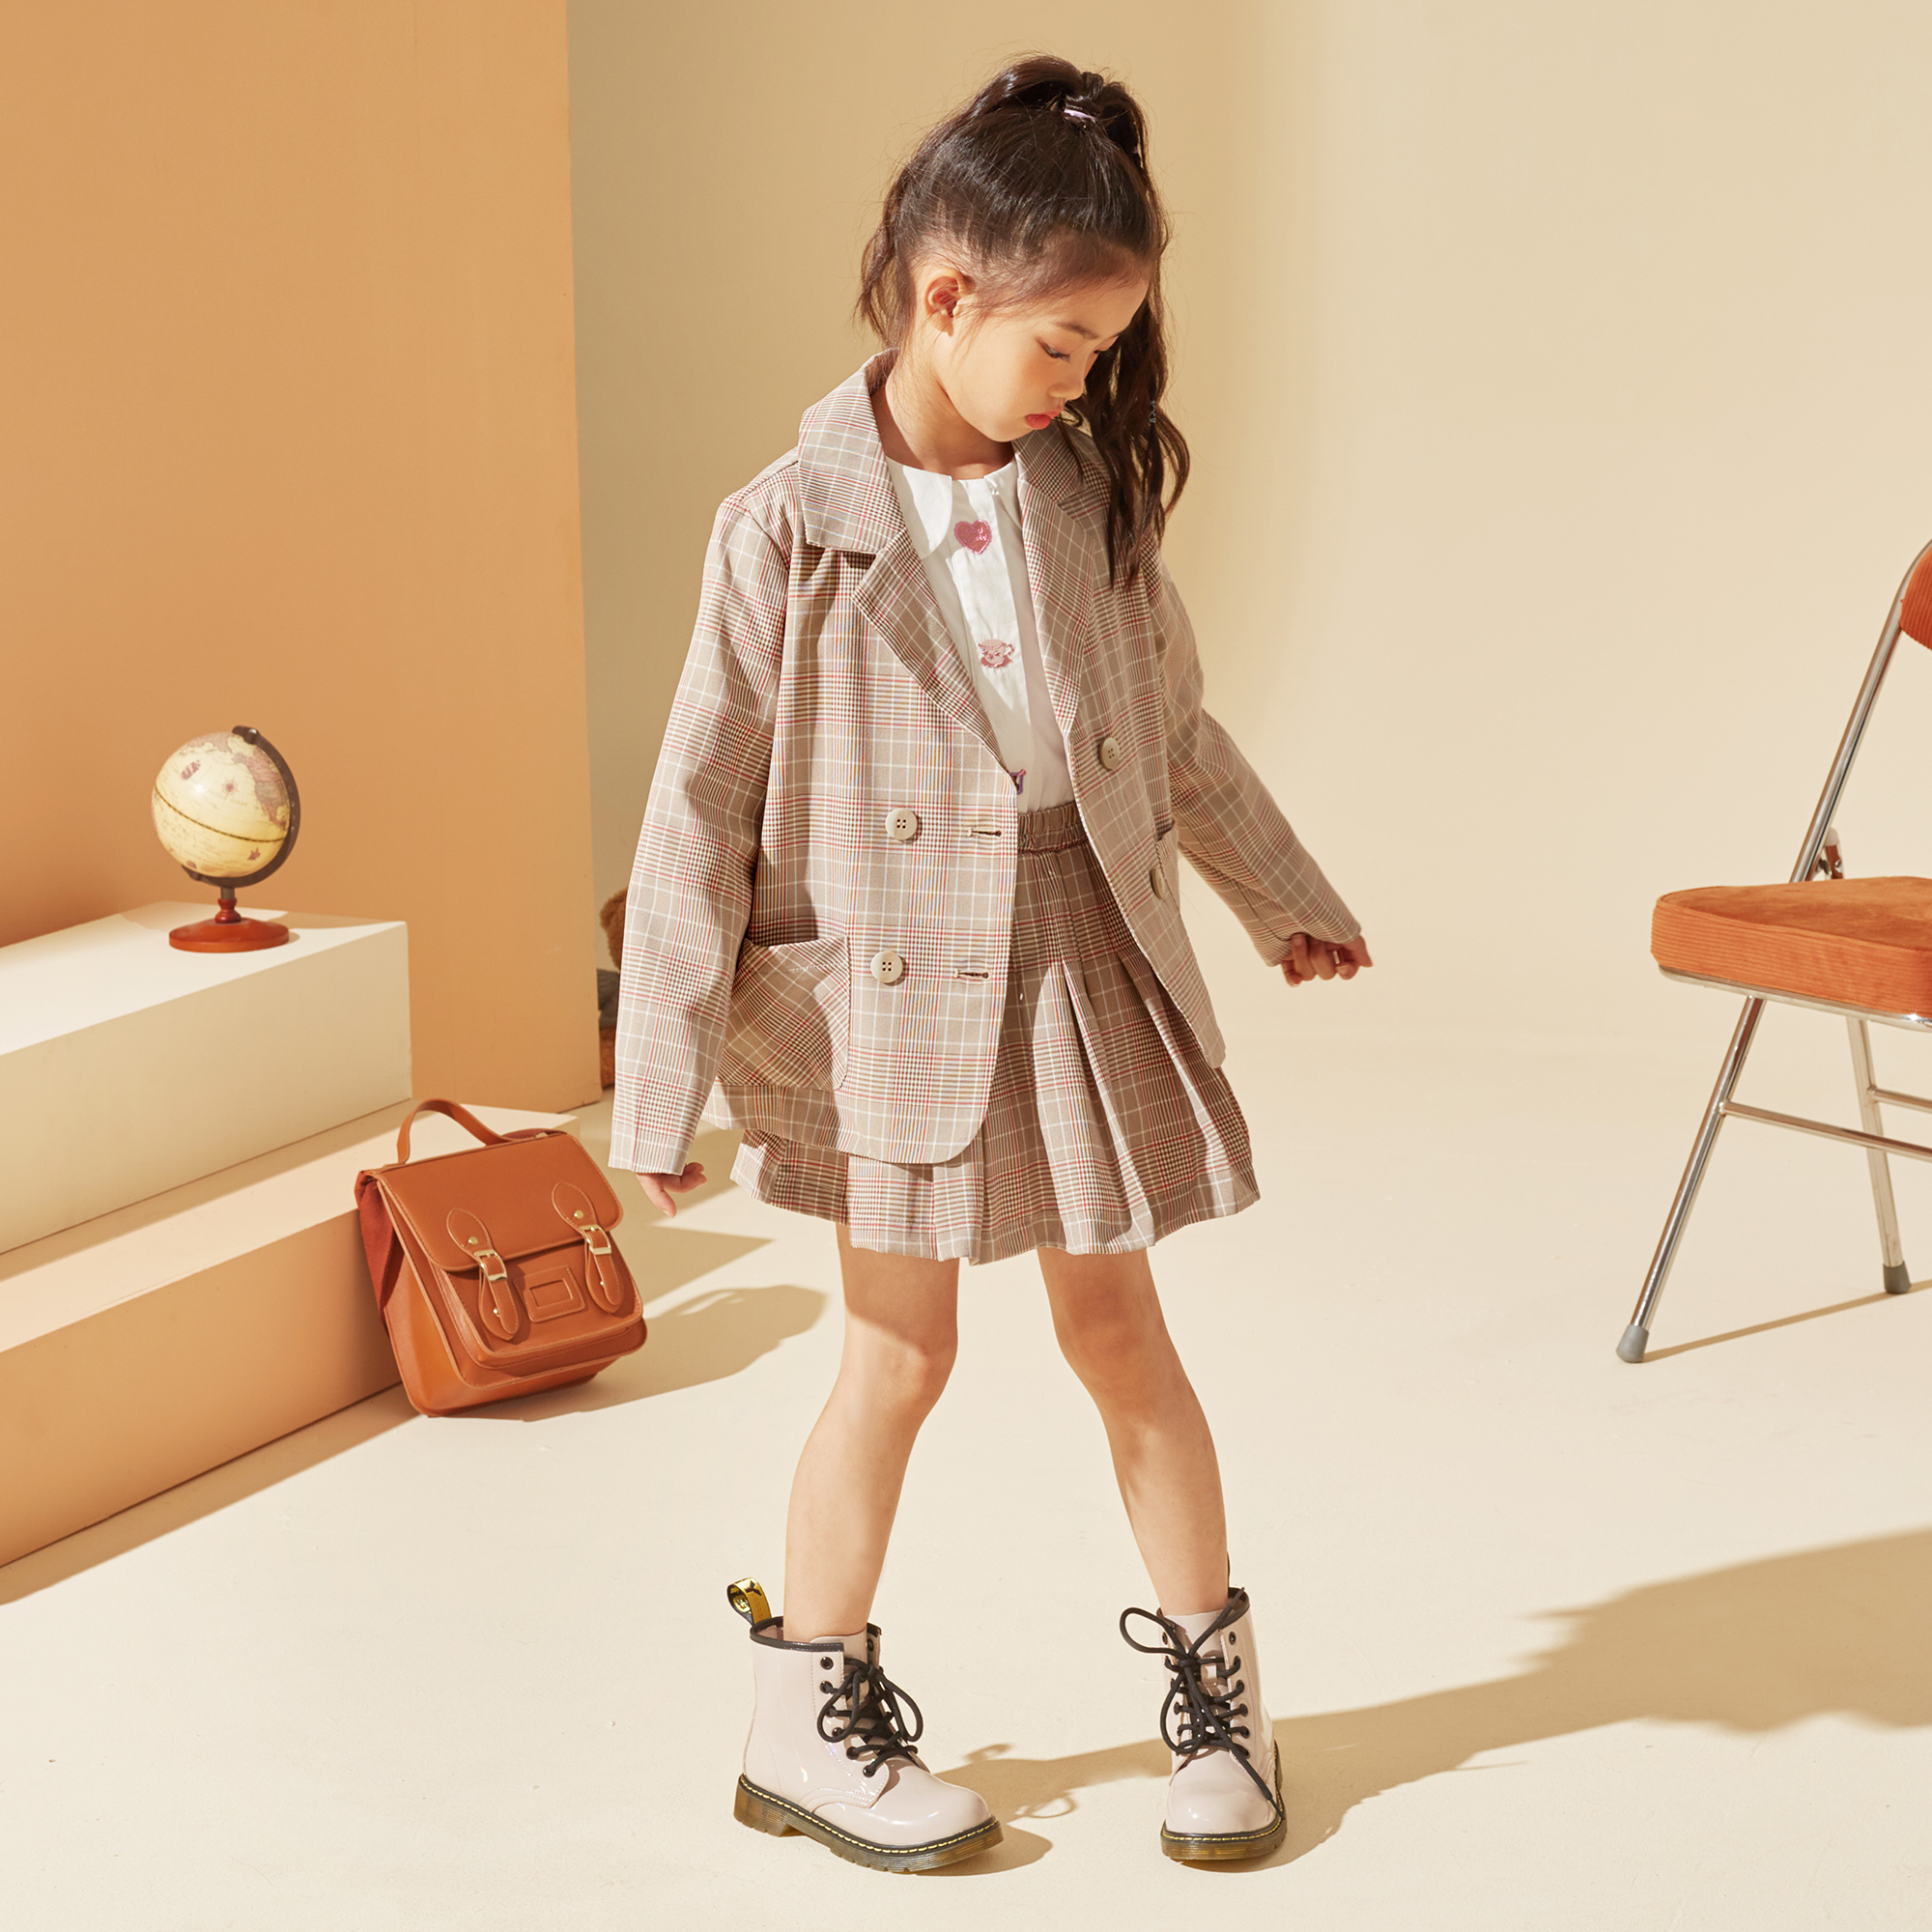 女童套装2021秋新款中大童儿童休闲学院风西装外套半裙两件套